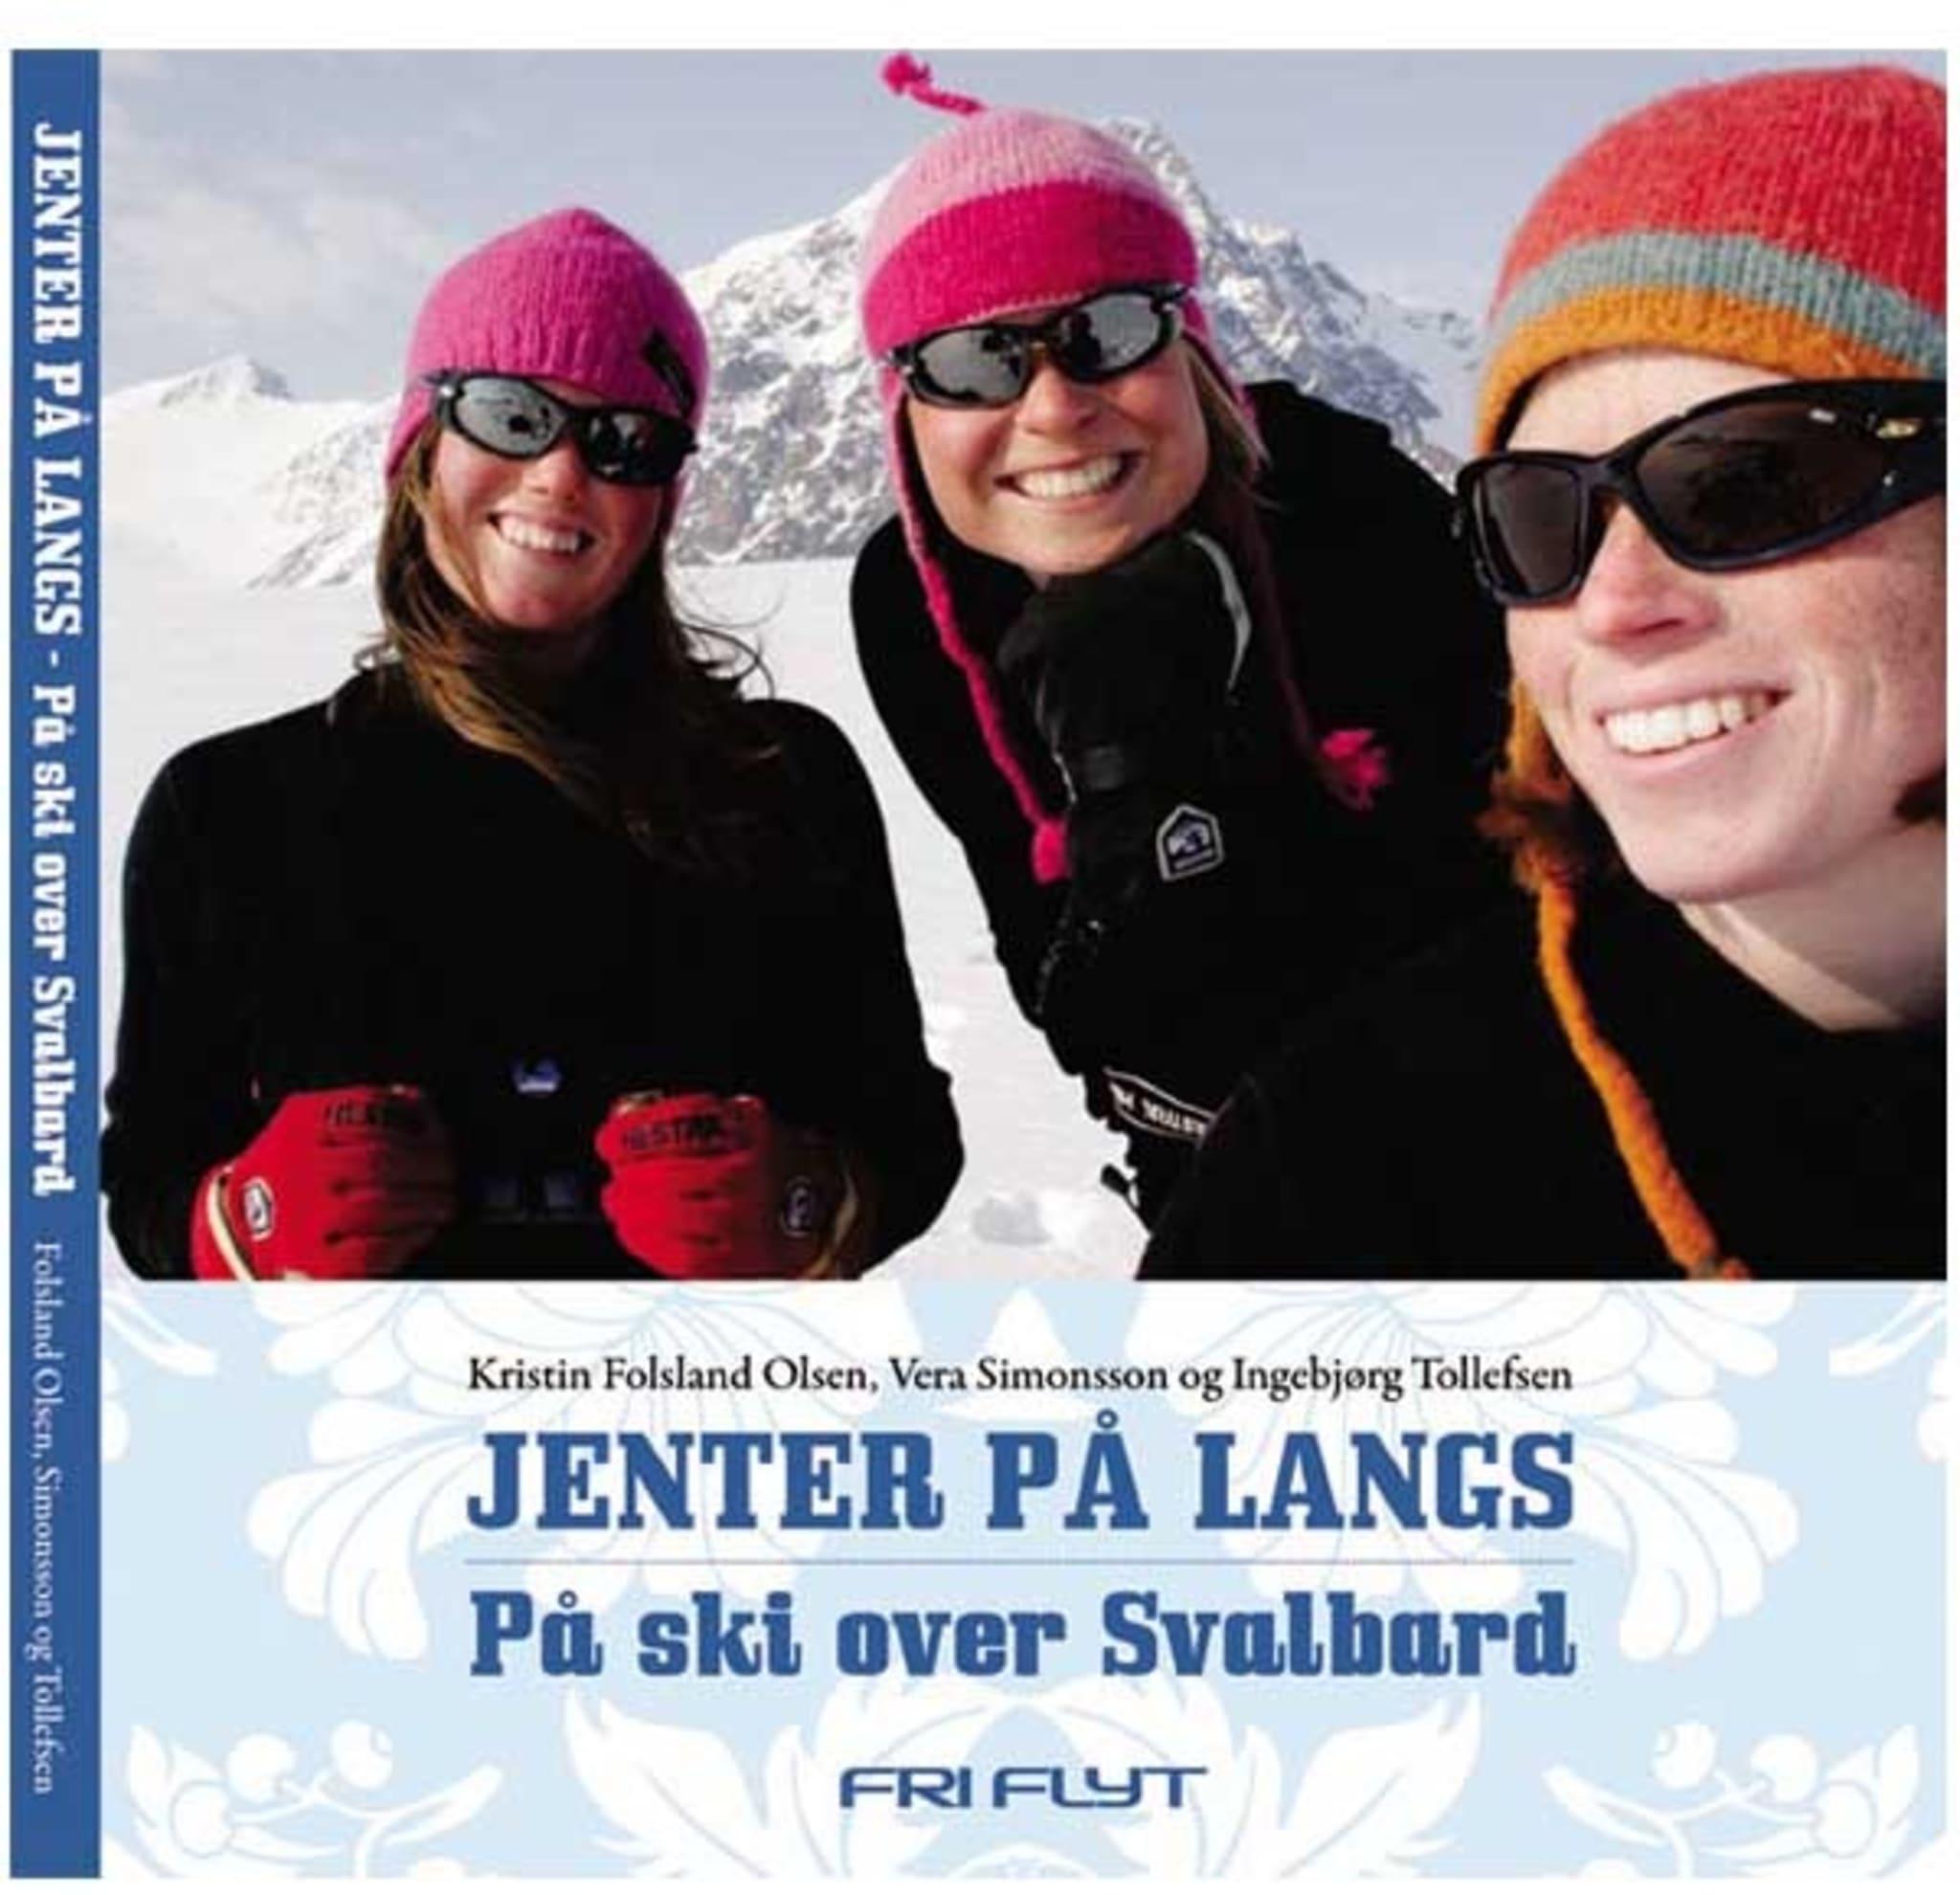 En ekspedisjonsbok om en strabasiøs skitur